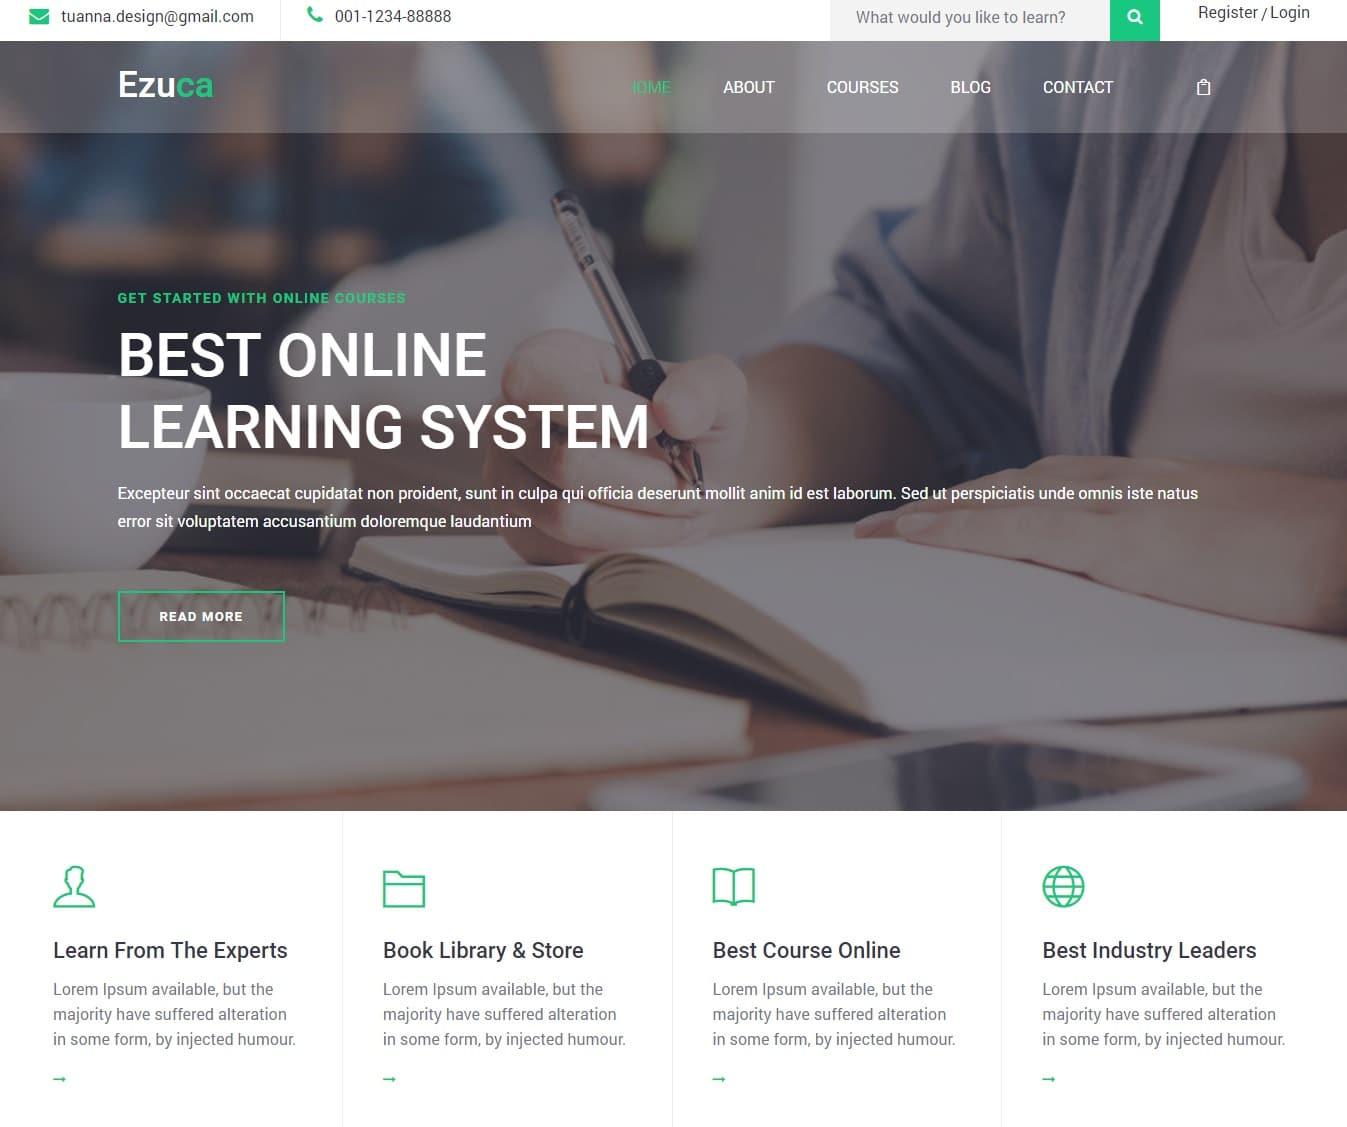 ezuca-free-kindergarten-website-template